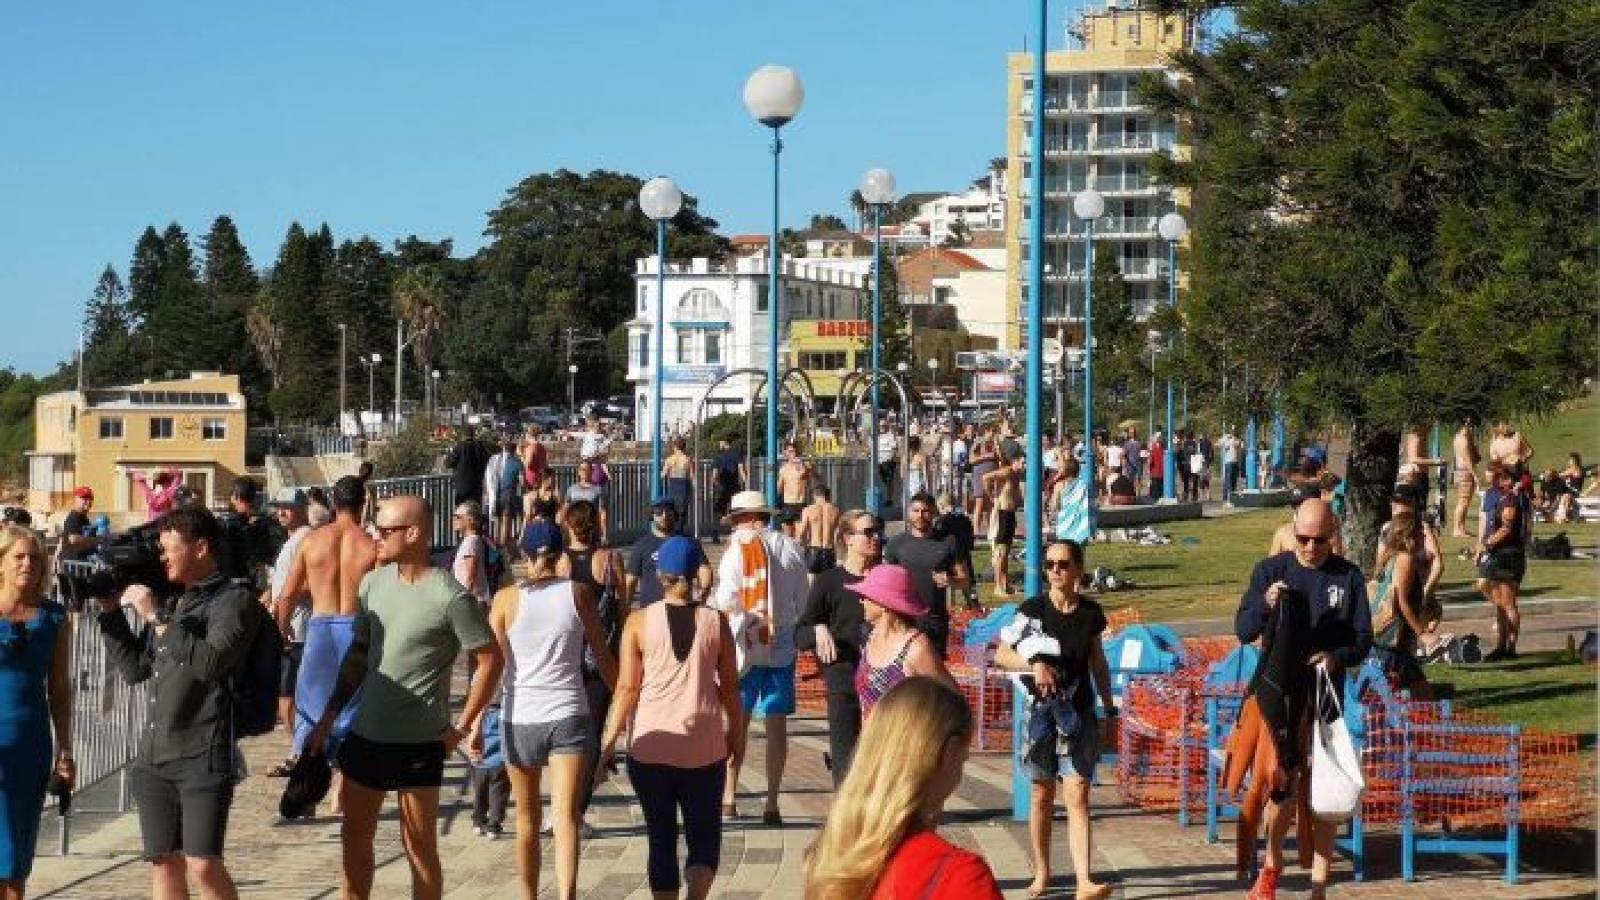 Một số bãi biển ở Australia bắt đầu đông người khiến chính quyền lo ngại